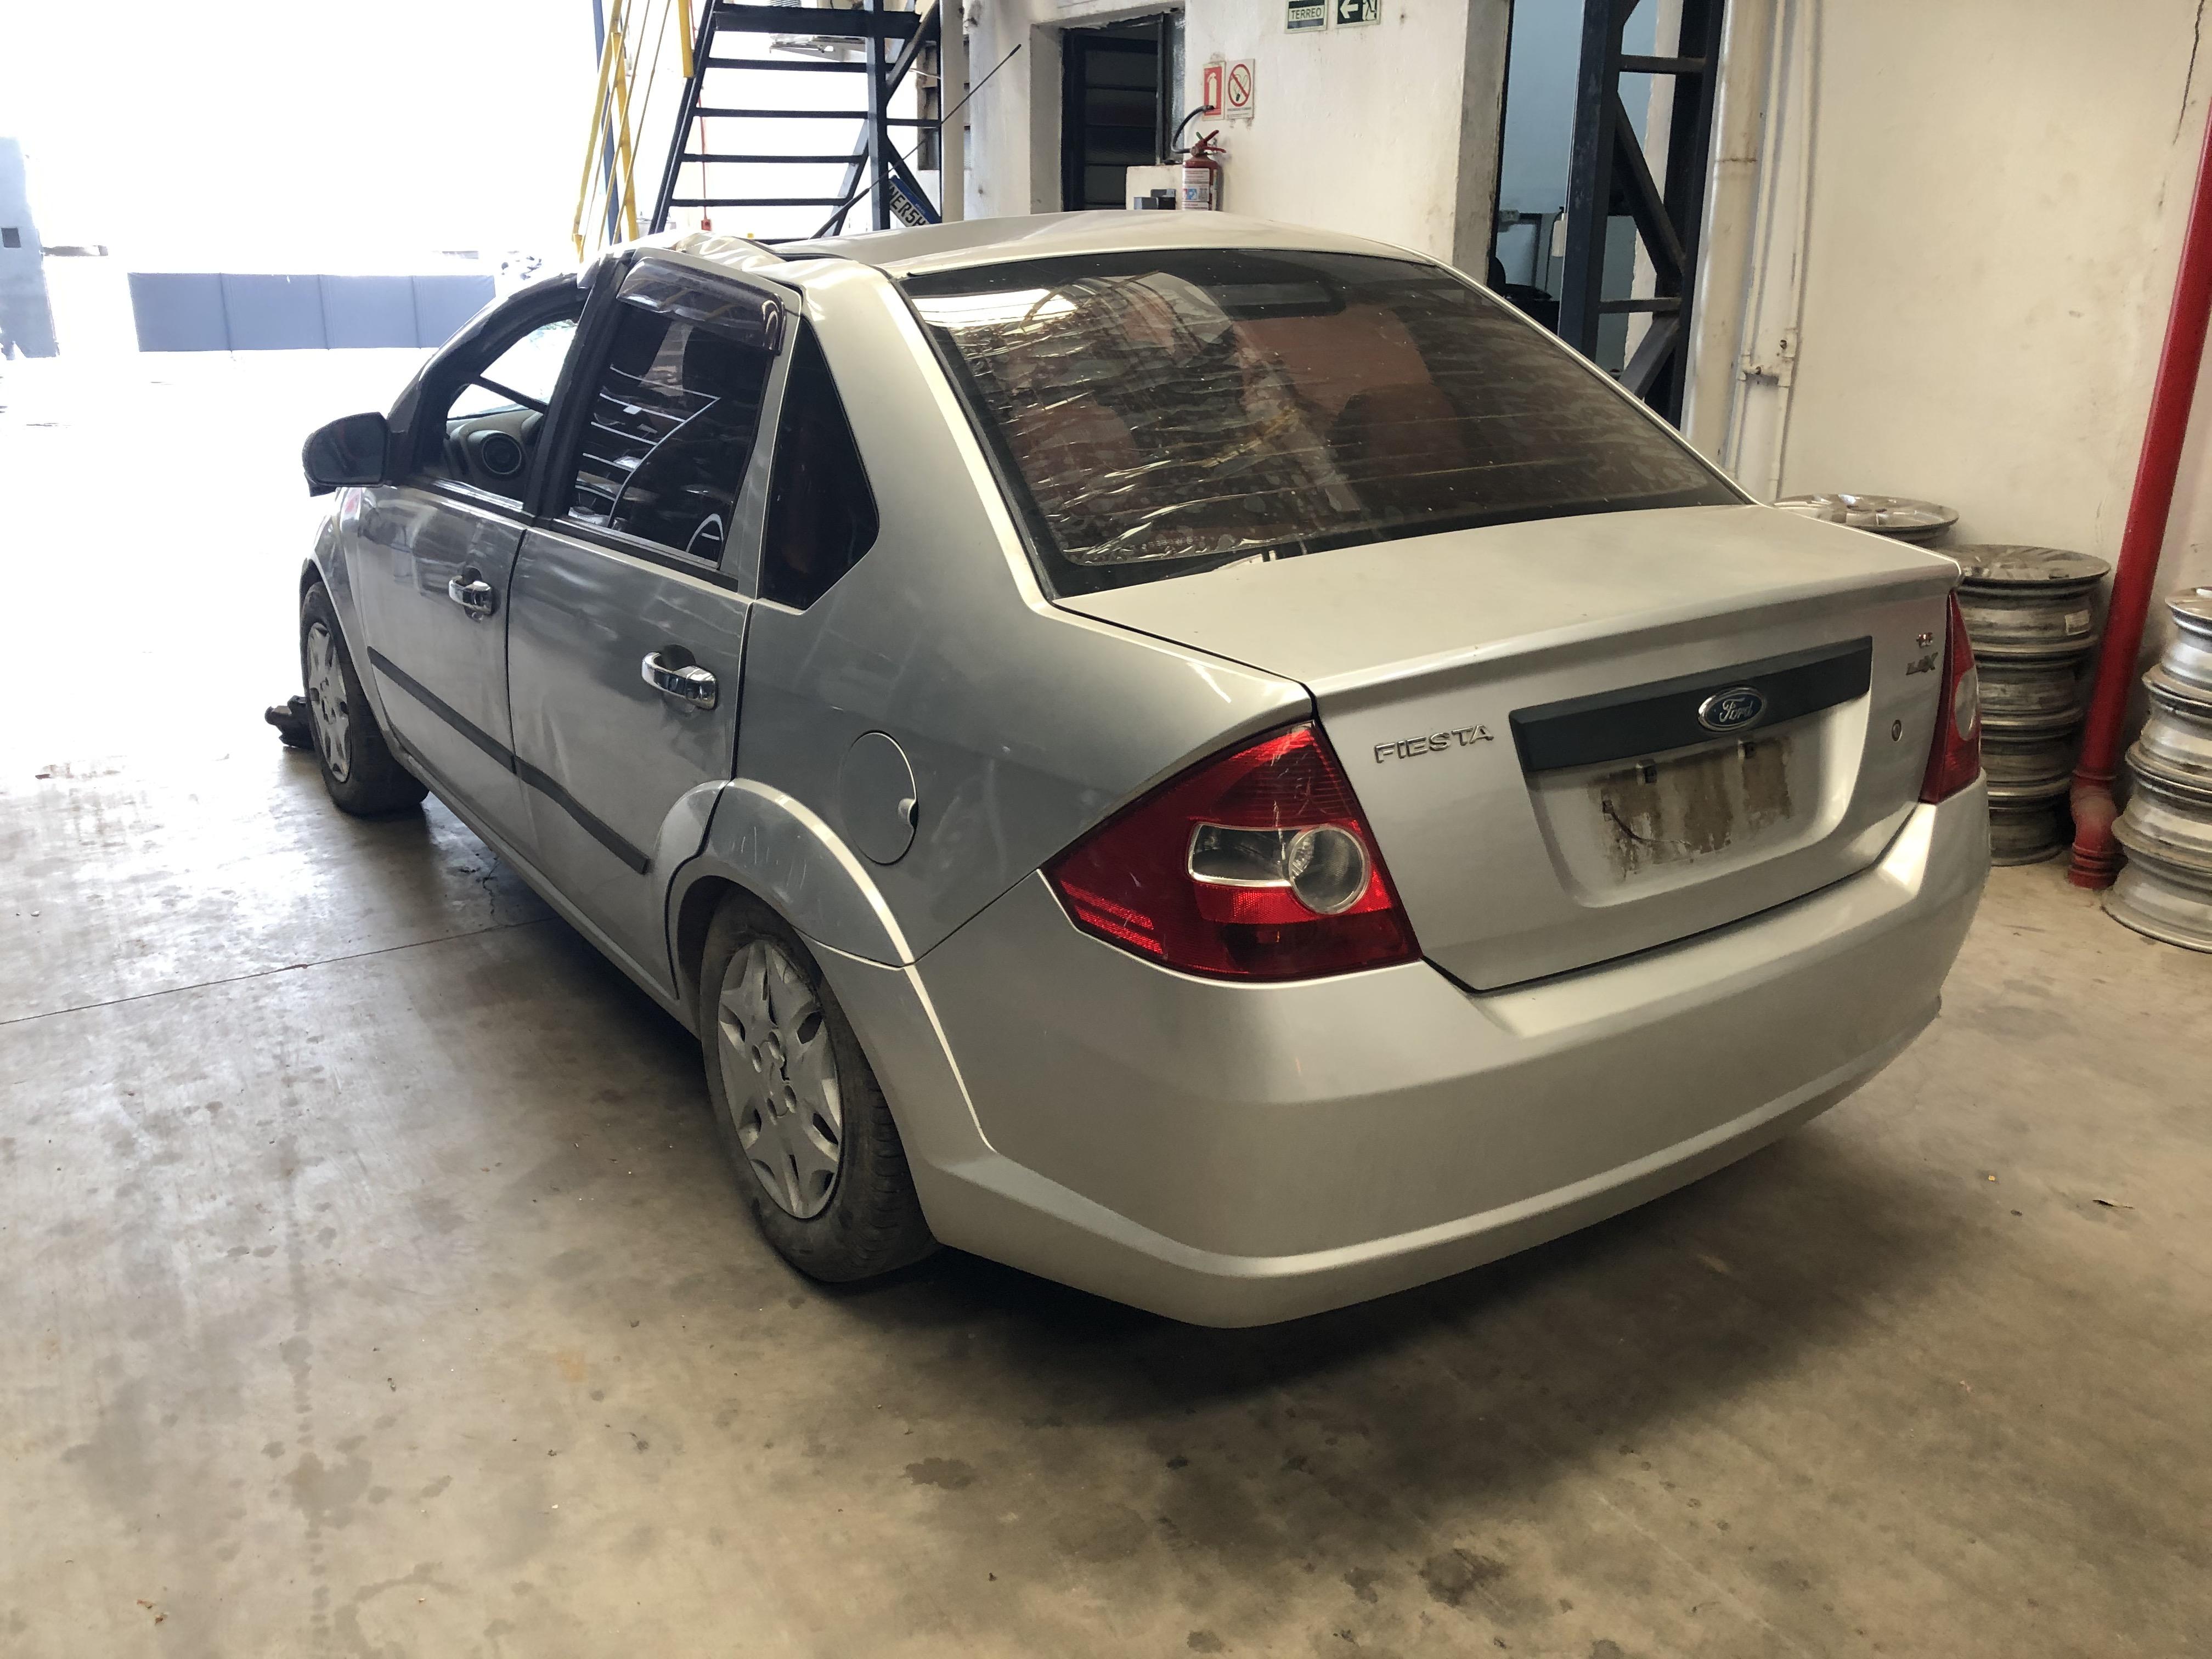 Fiesta Sedan 1.6 05-05 - 2